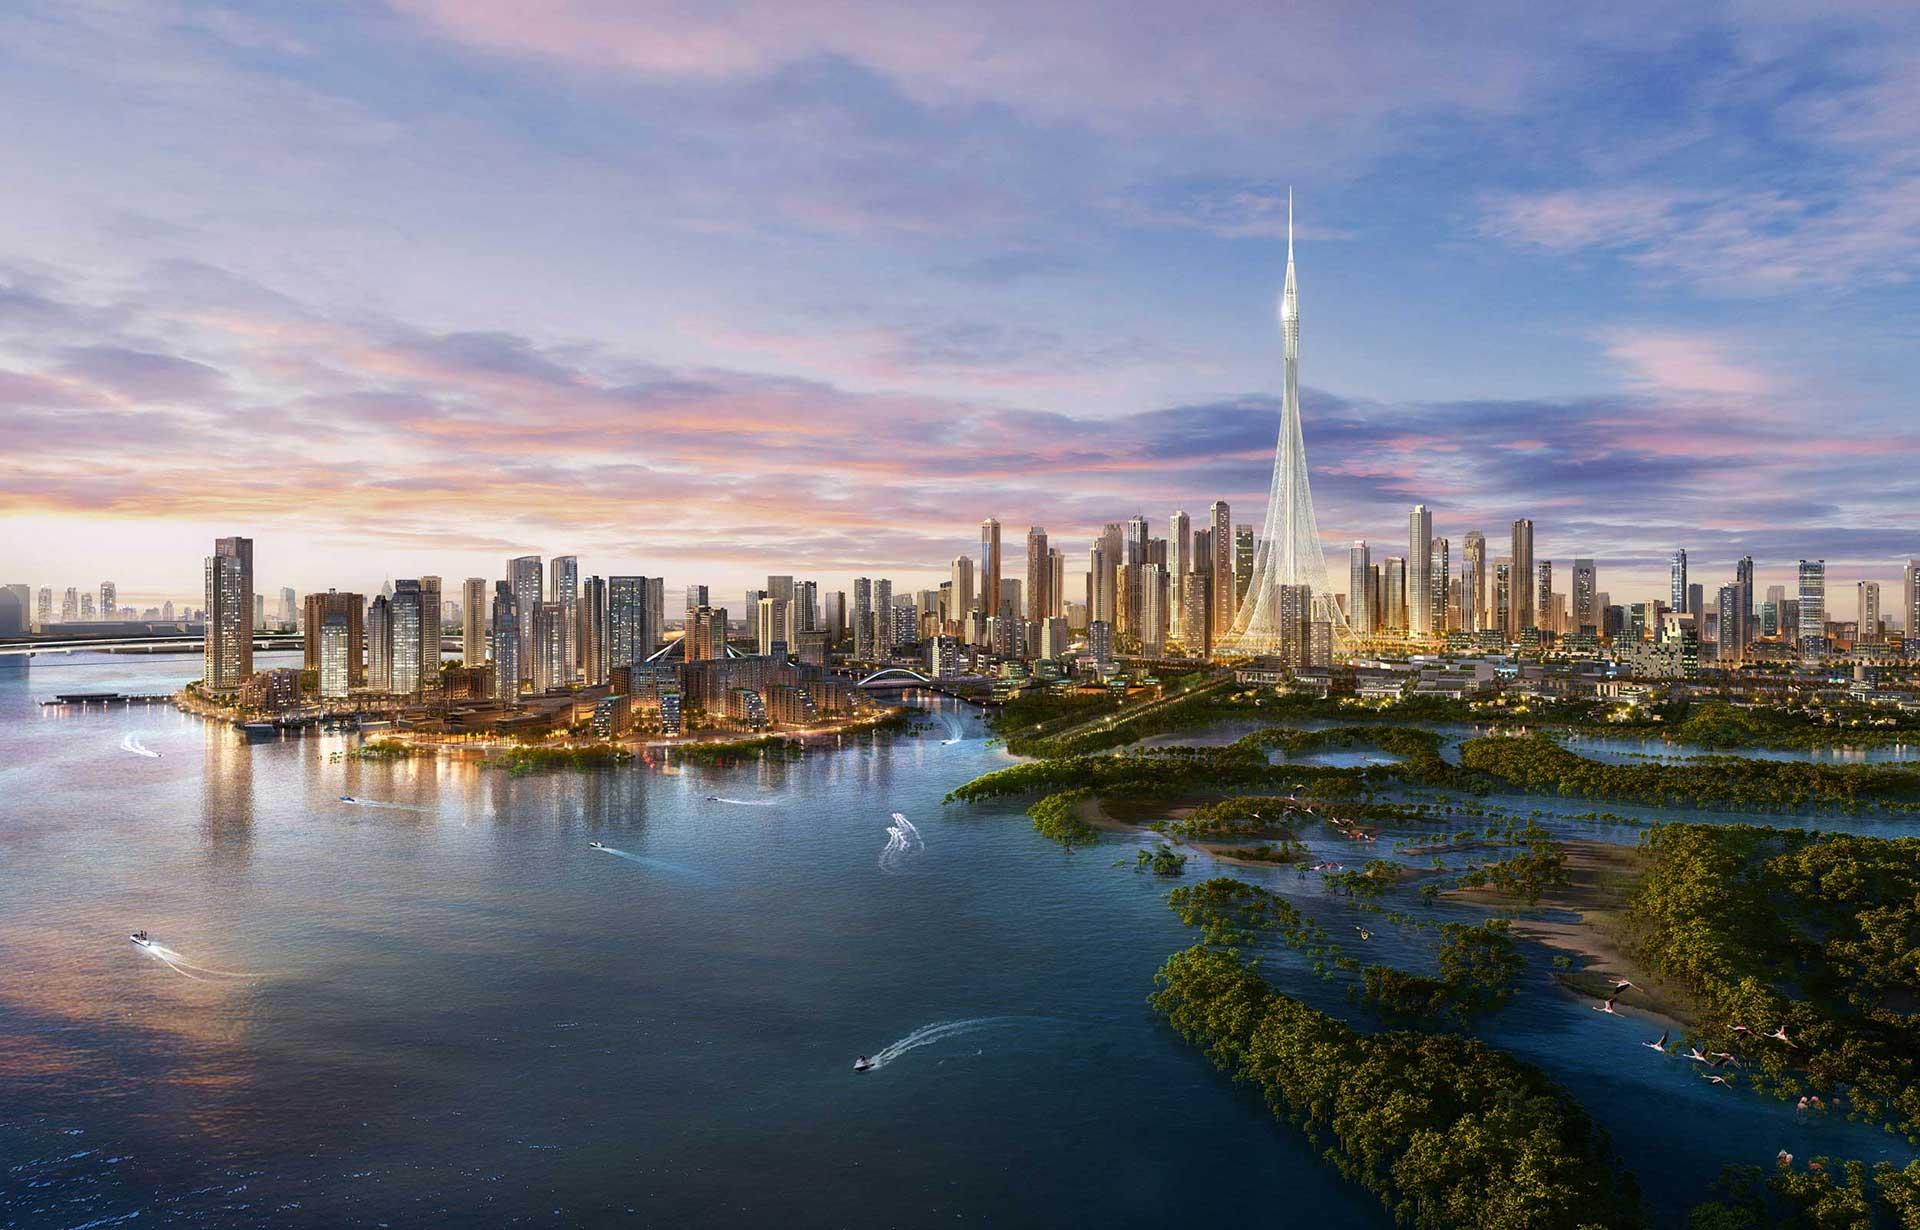 Emaar Properties PJSC